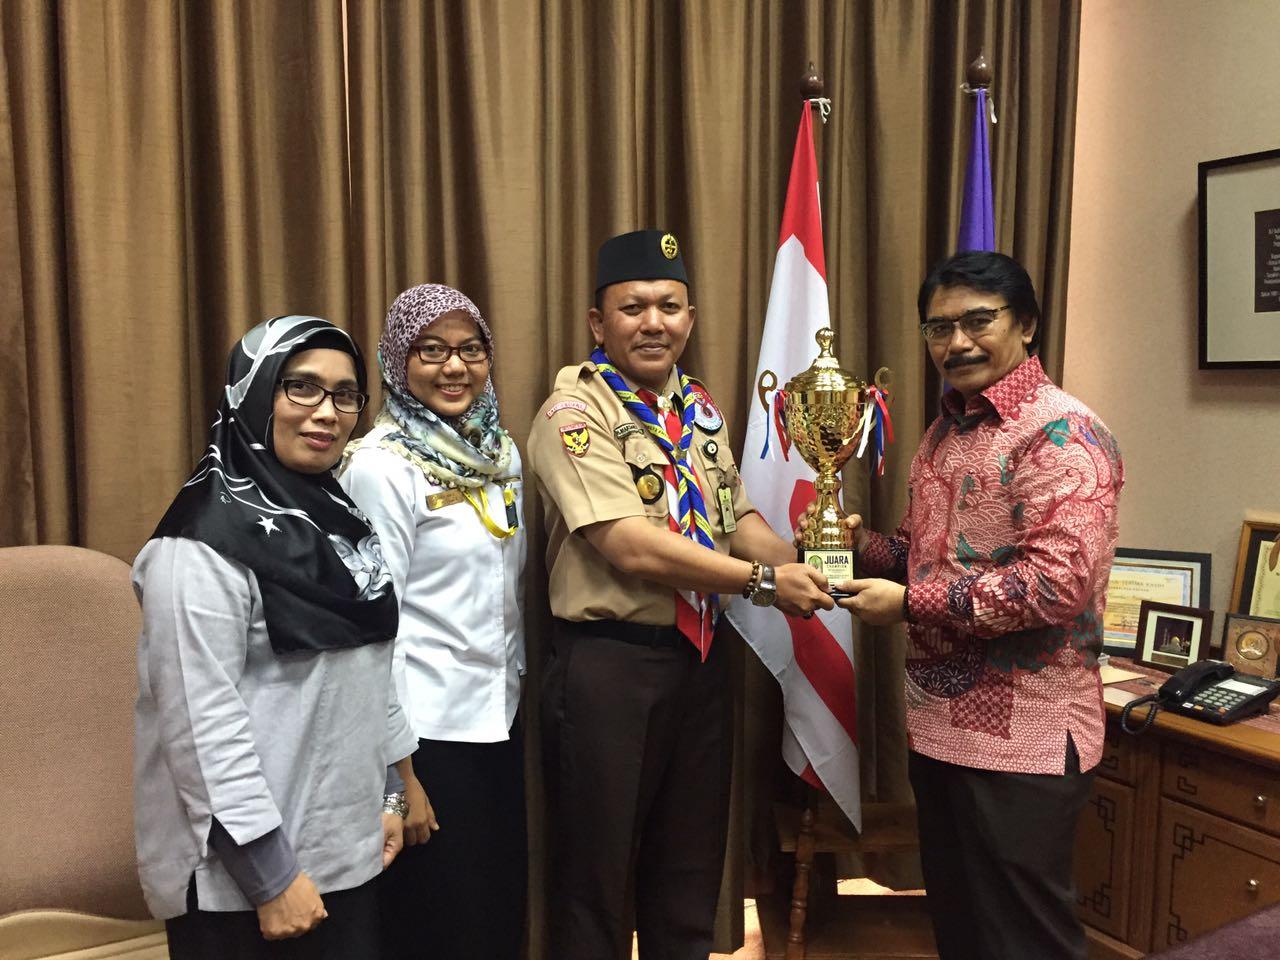 Penyerahan Piala Juara umum oleh Pimpinan Kontingen Nasional (Pinkonnas) Mardhani Zuhri, kepada Ketua Kwarnas, Adhyaksa Dault (Foto: Venny Indri / Pramuka Indonesia)